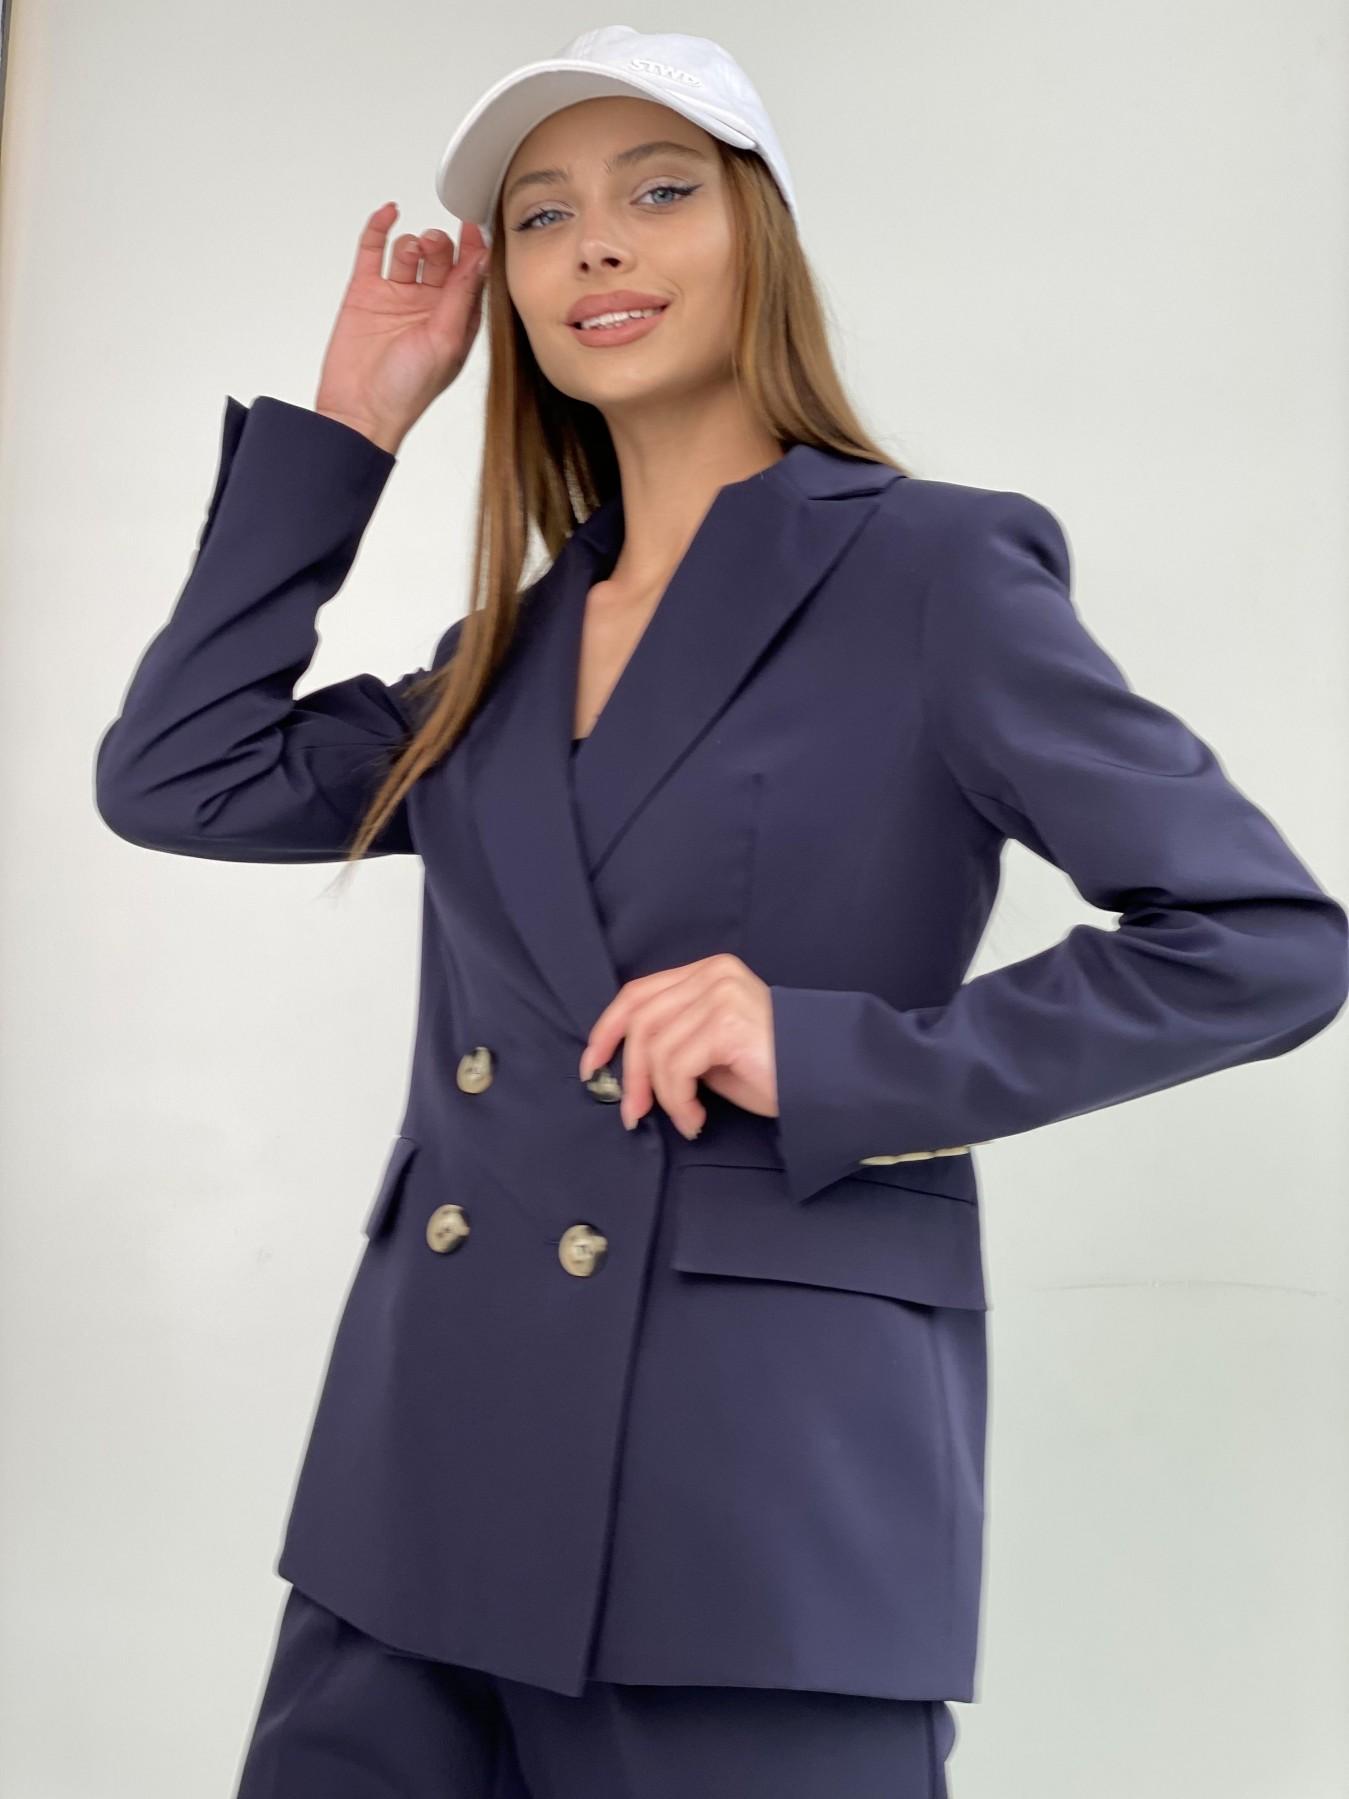 Франко костюм из костюмной ткани 11090 АРТ. 47973 Цвет: Т.синий 1 - фото 5, интернет магазин tm-modus.ru